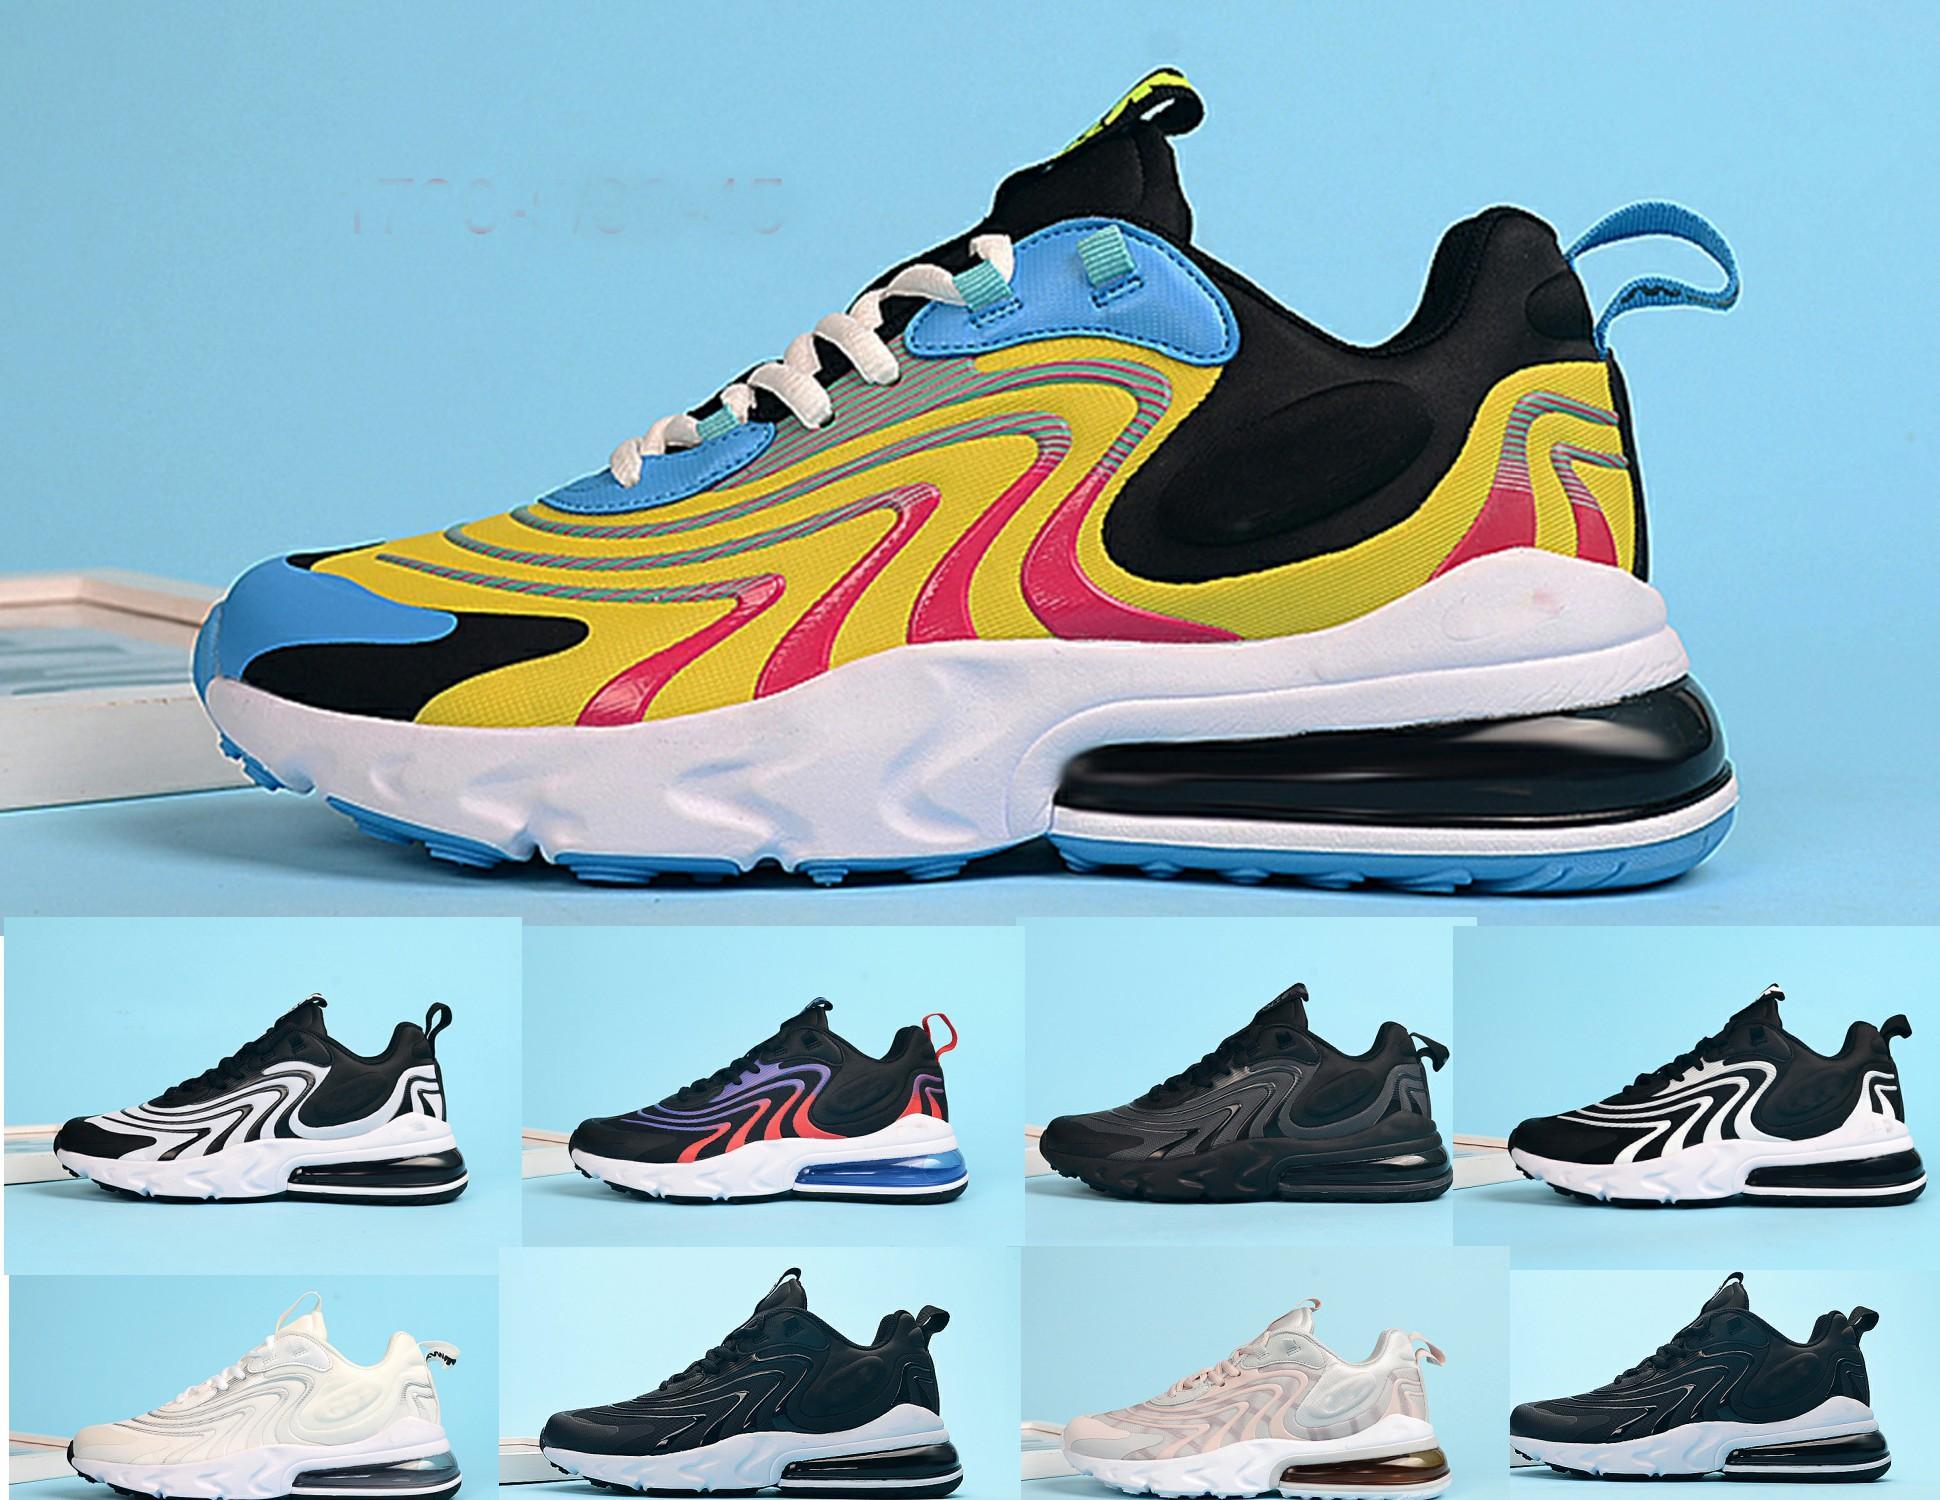 Nouveau script React ENG chaussures de course métalliques en or 270S Il suffit Blanchi hommes Coral Dusk femmes chaussures de marque triple de sport